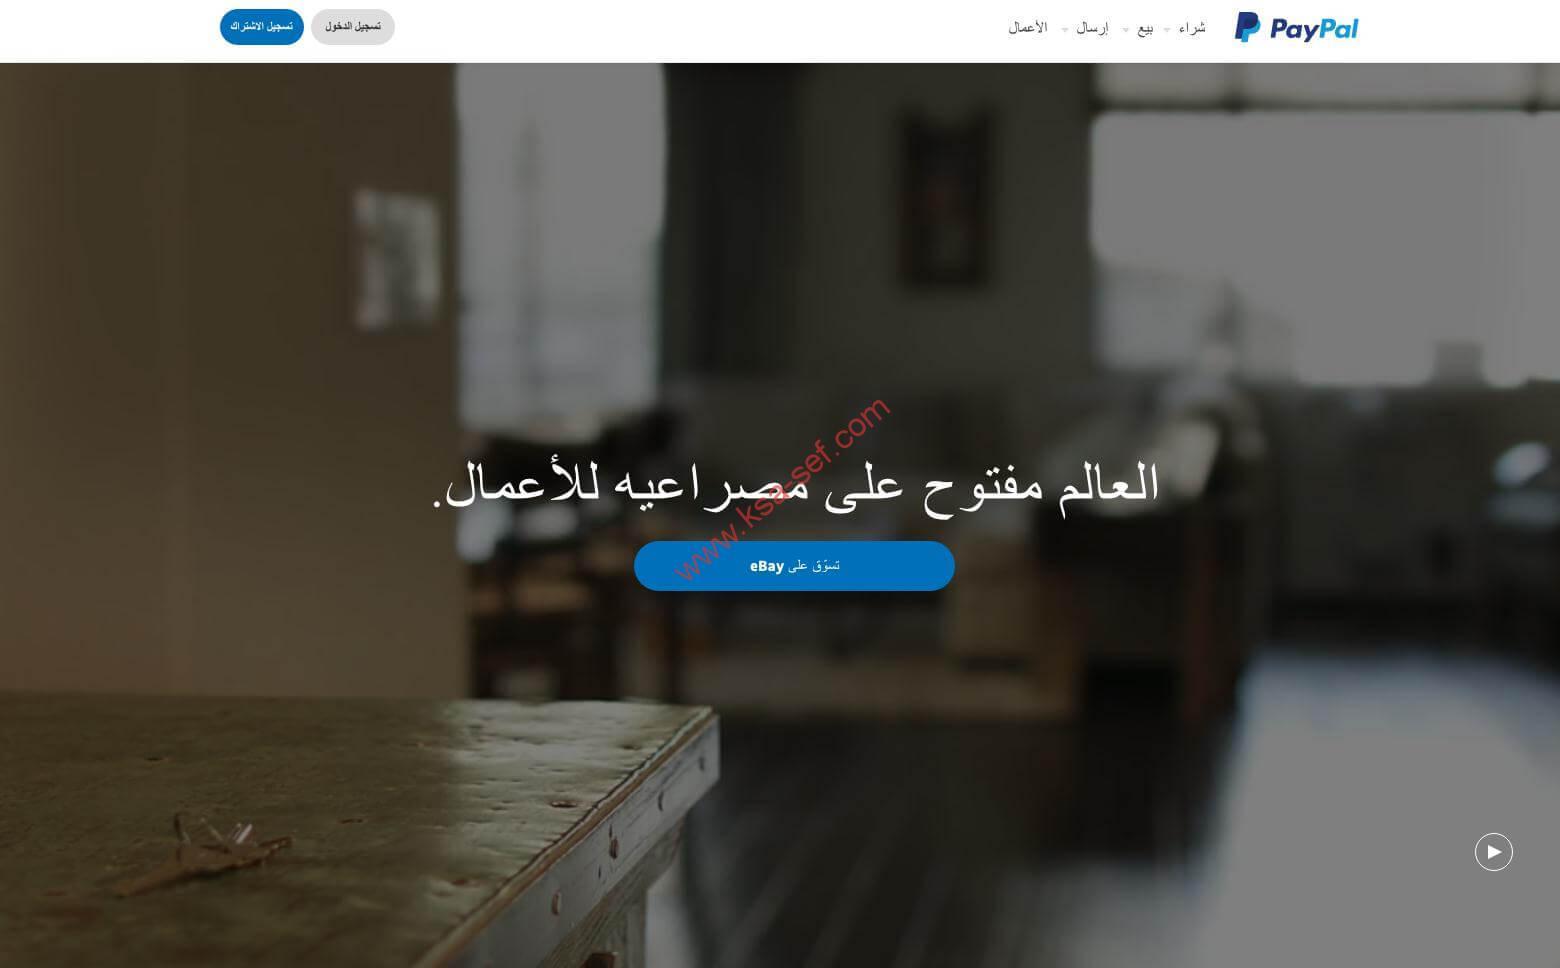 الصفحة الرئيسية ل PayPal